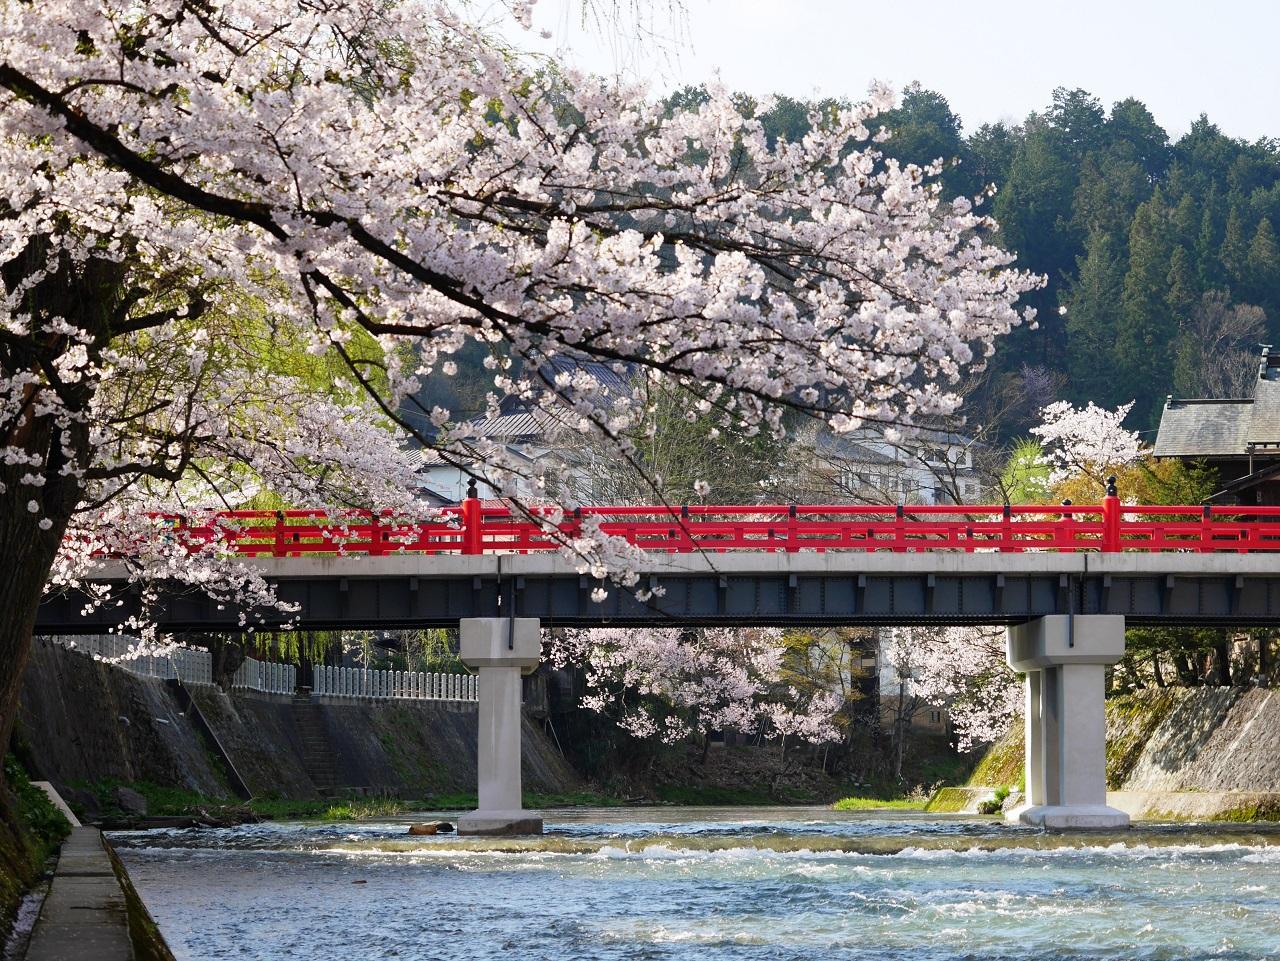 ทาคายาม่า (Takayama) ฤดูใบไม้ผลิ